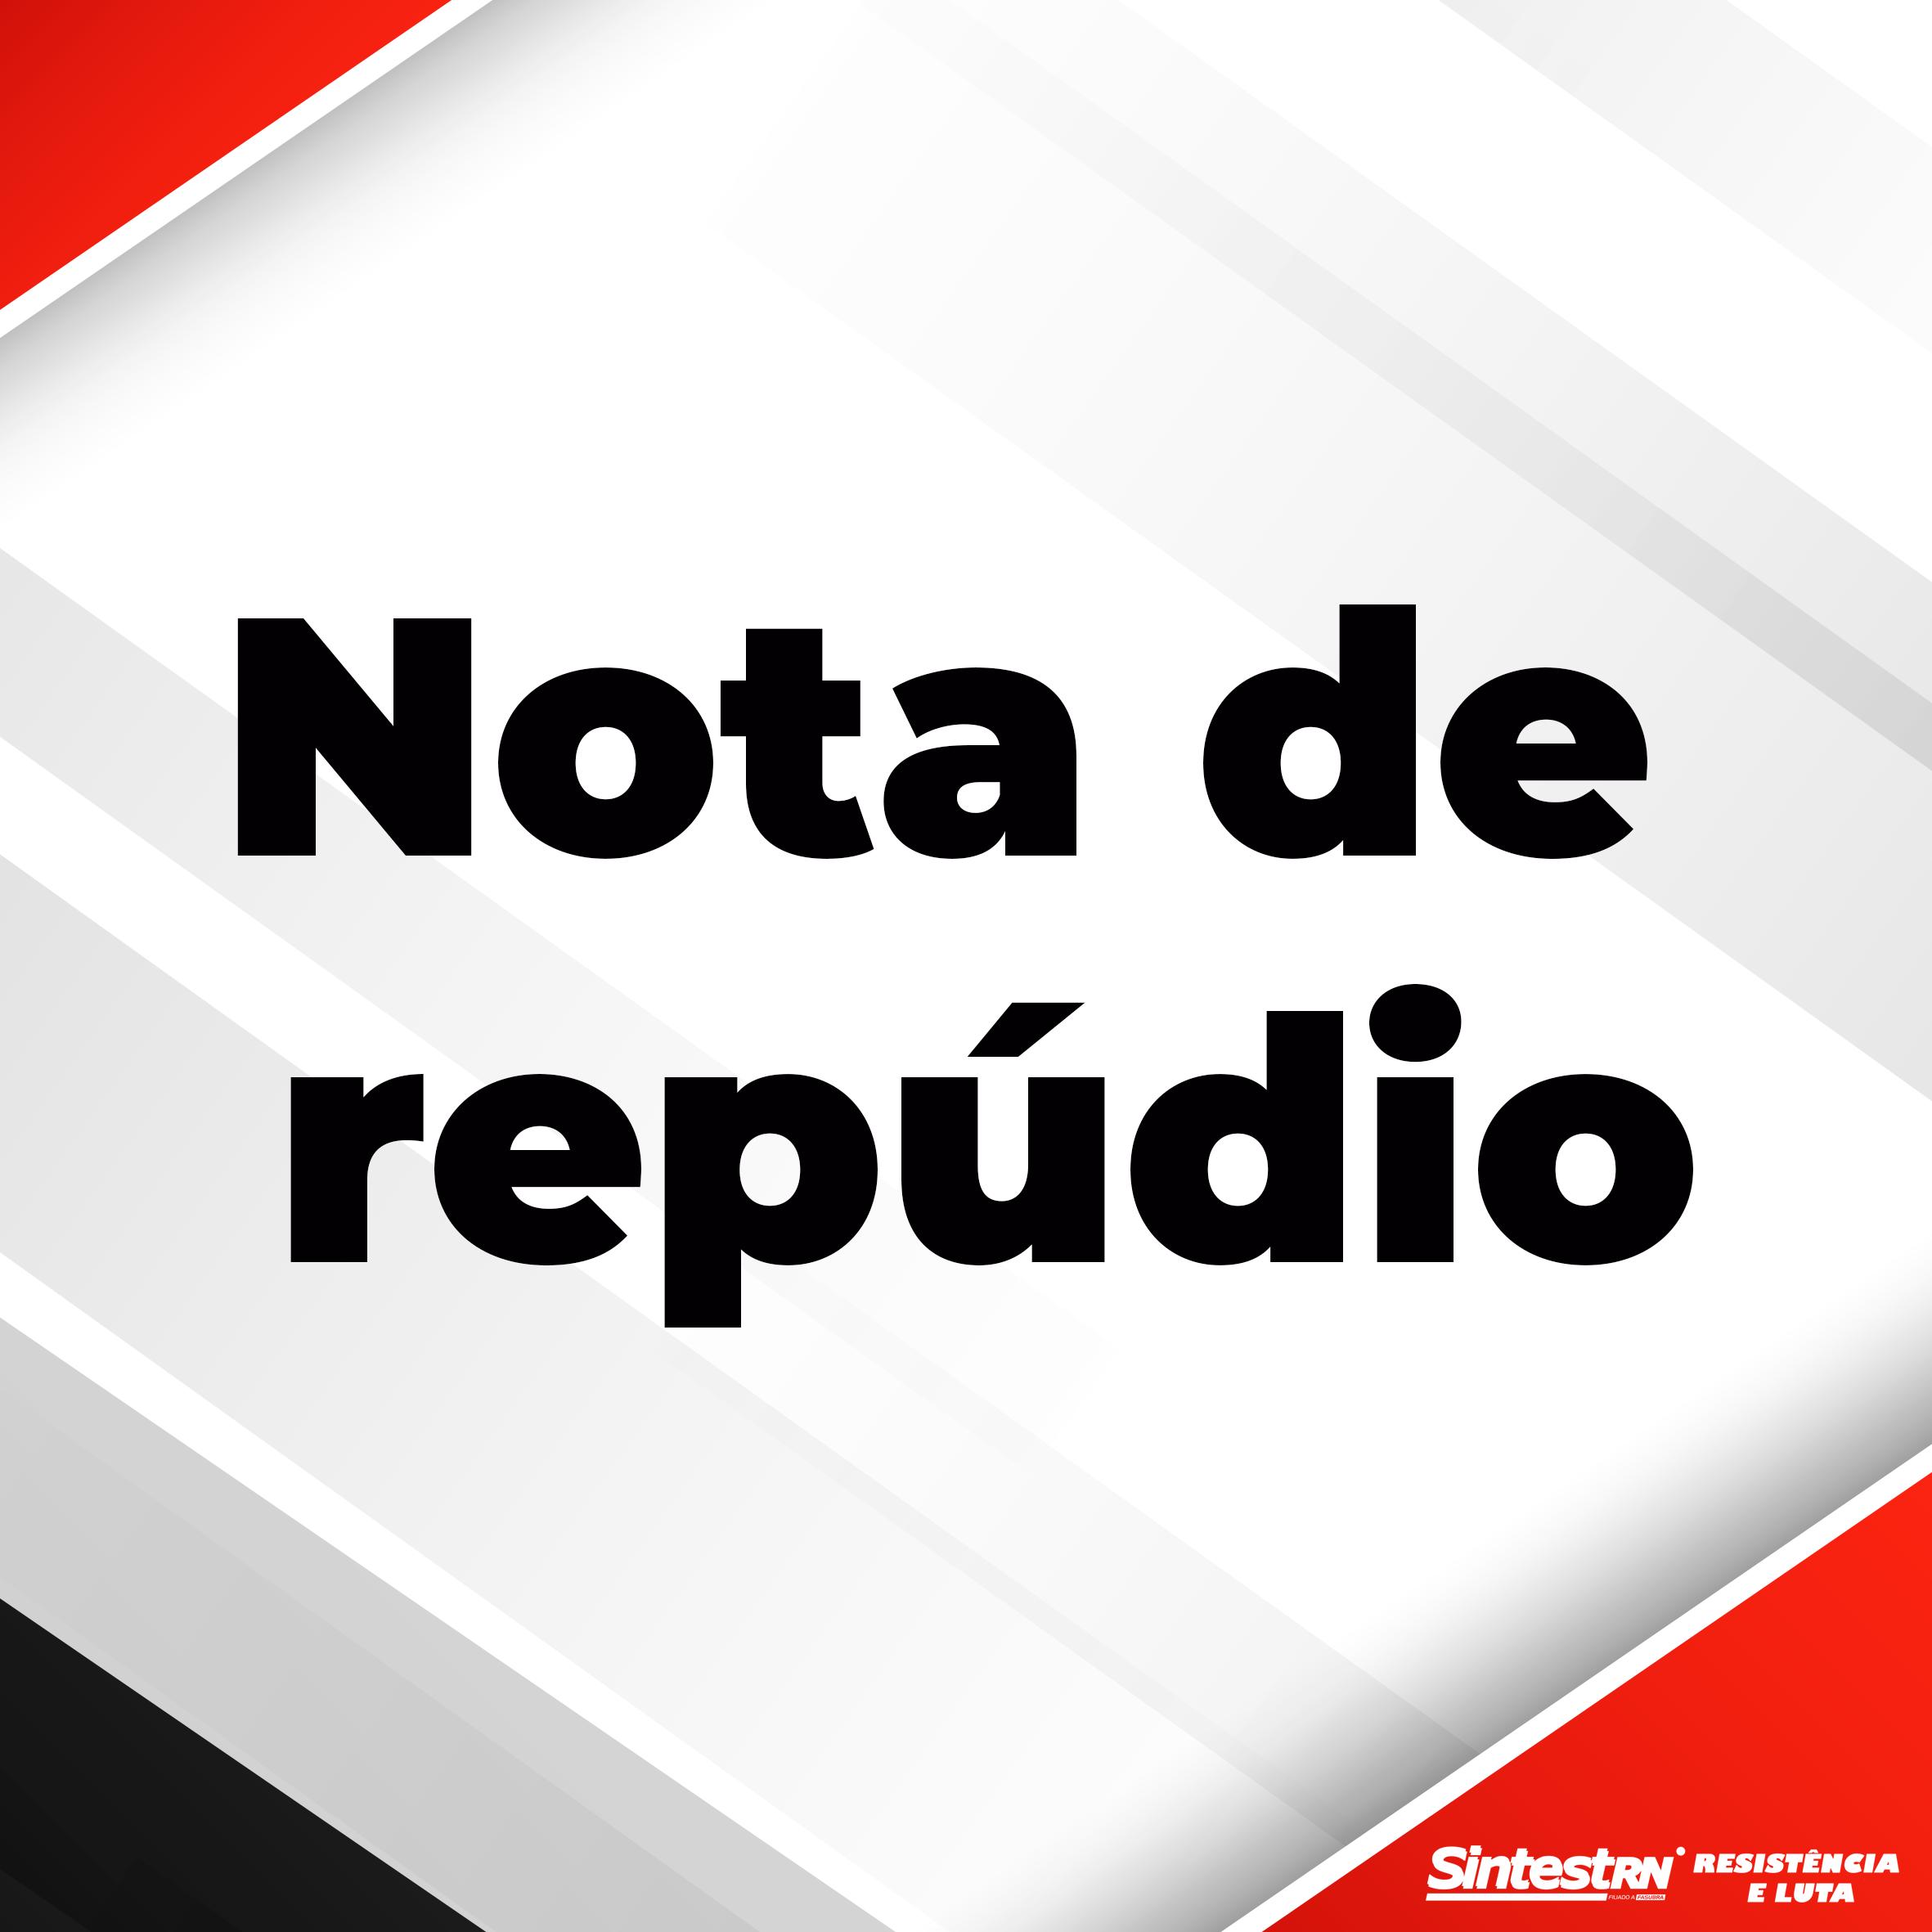 Nota de repúdio contra pronunciamento do presidente Jair Bolsonaro